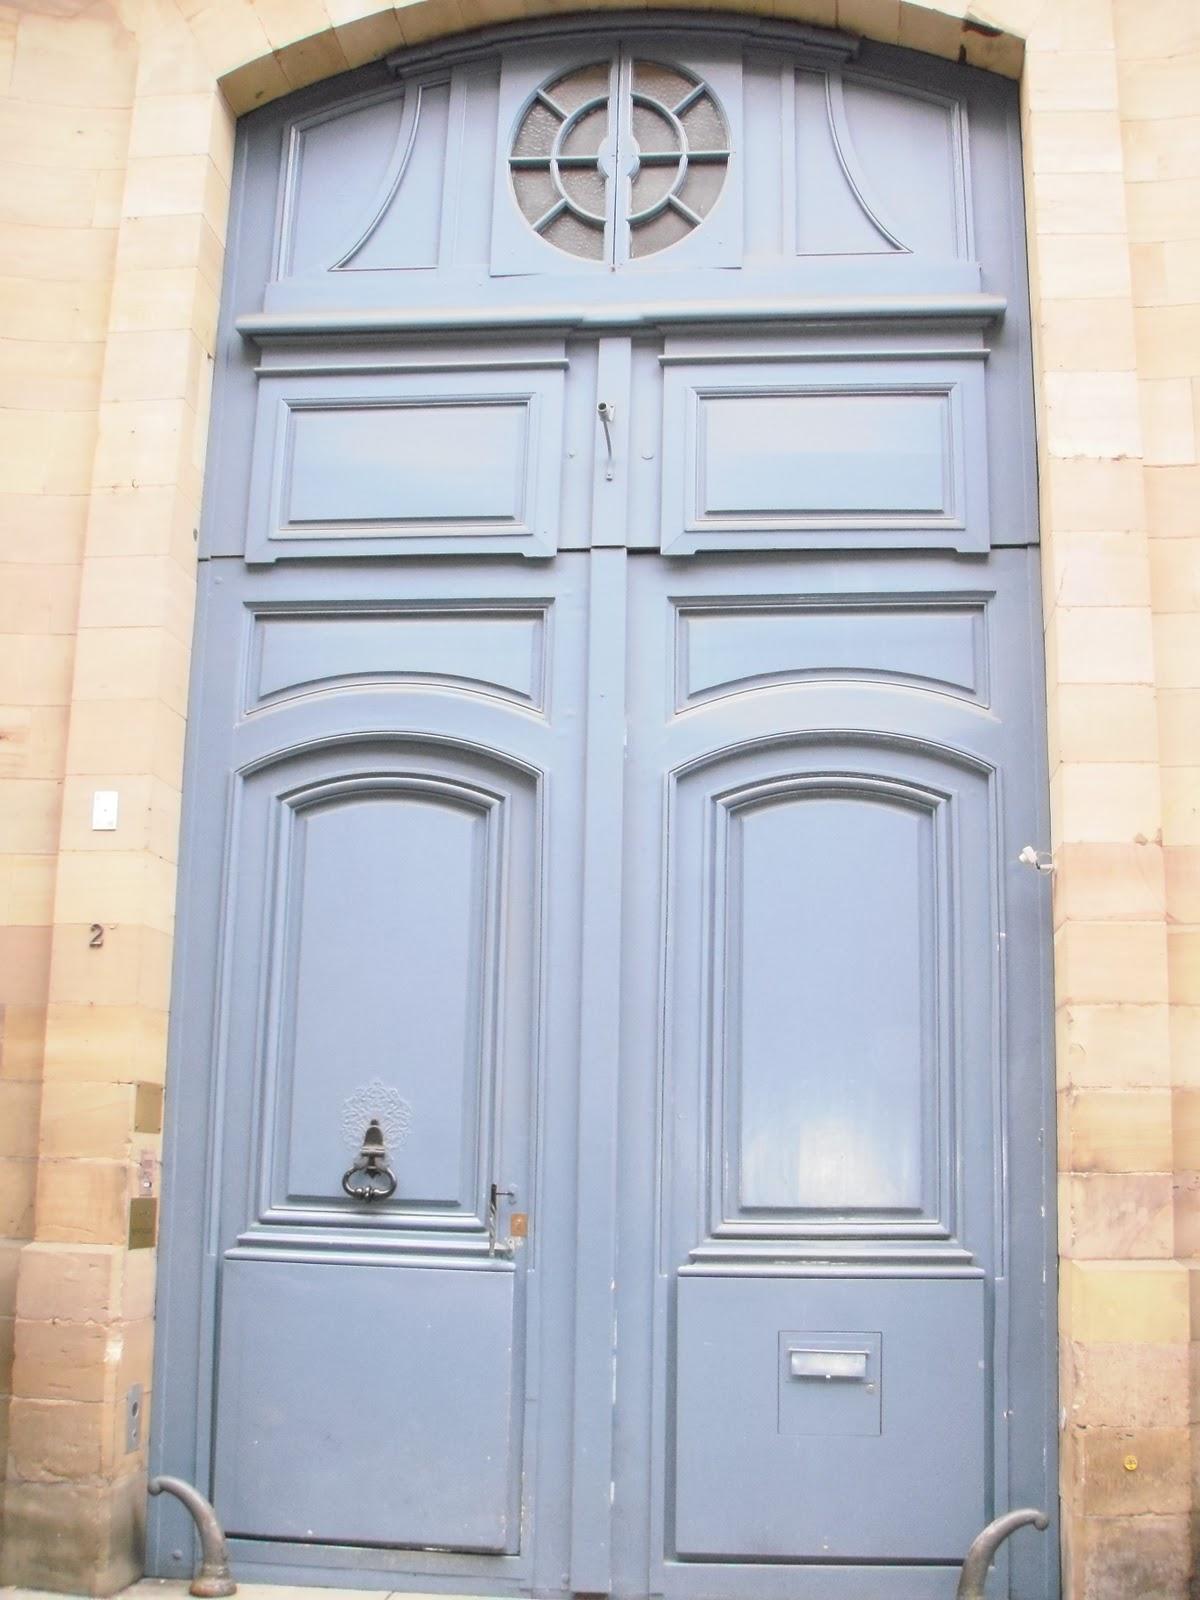 Séminaire Sainte Marie Majeure Dioc¨se de Strasbourg octobre 2010